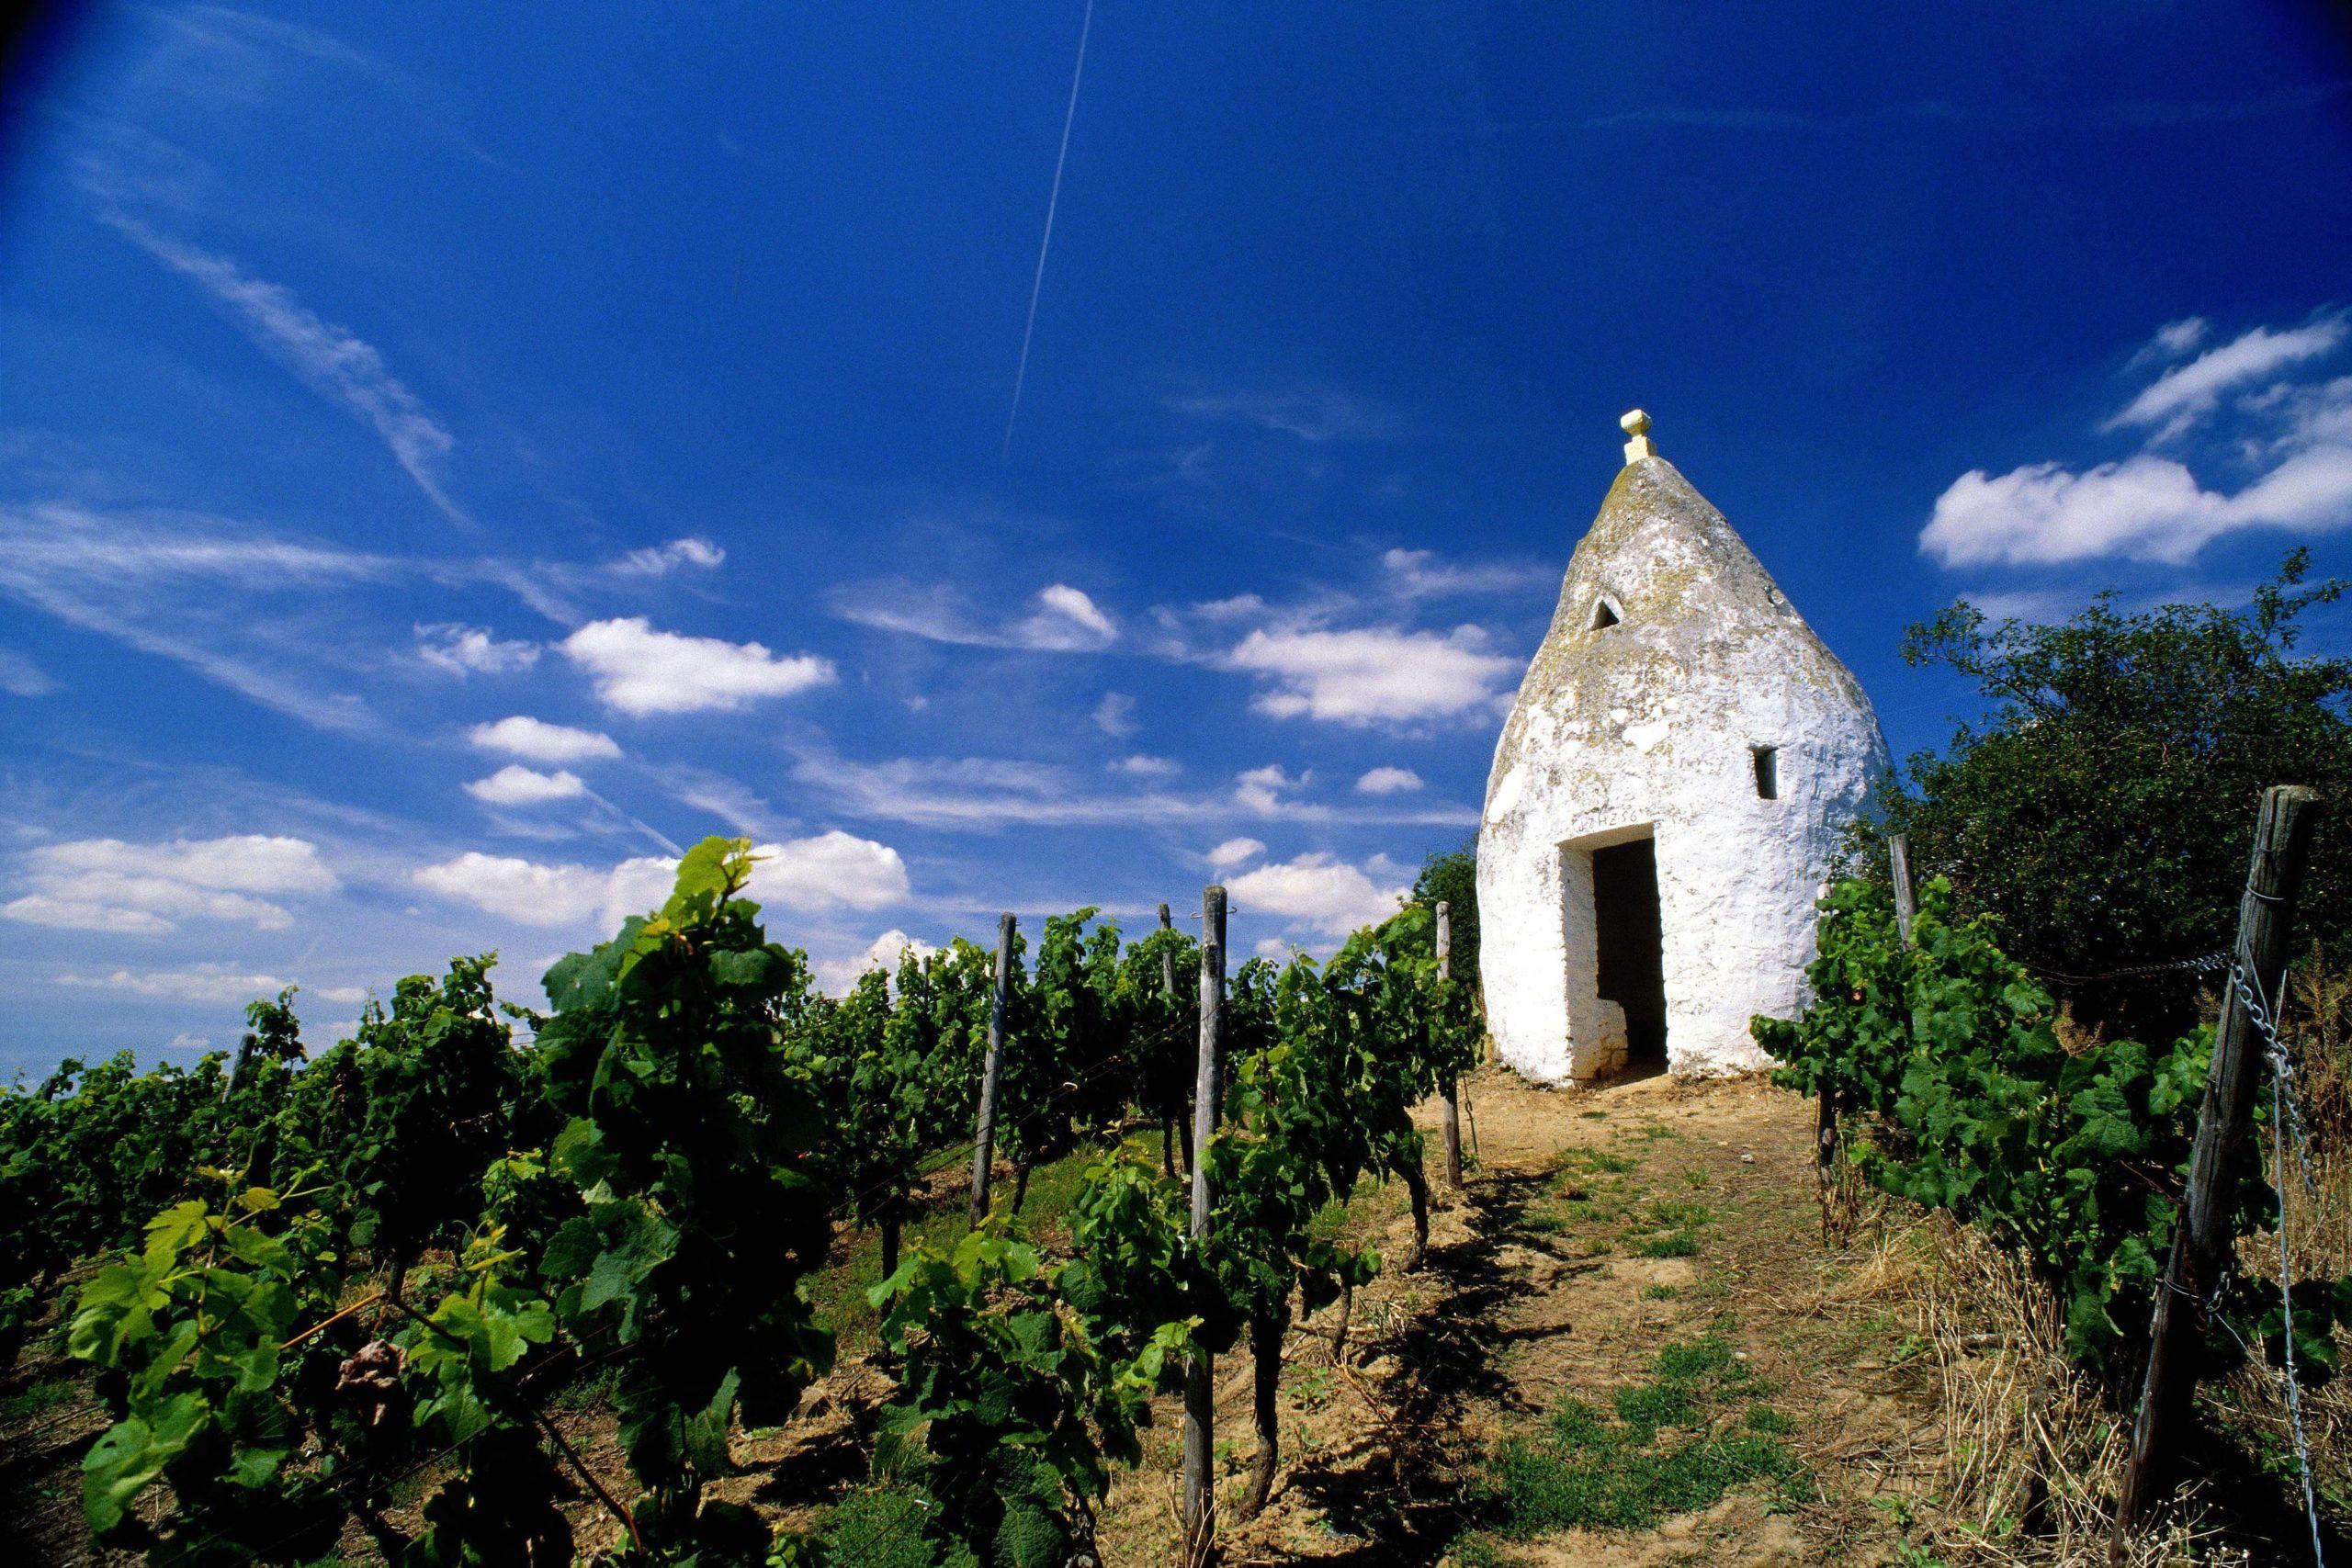 Wein Trullo in Flonheim